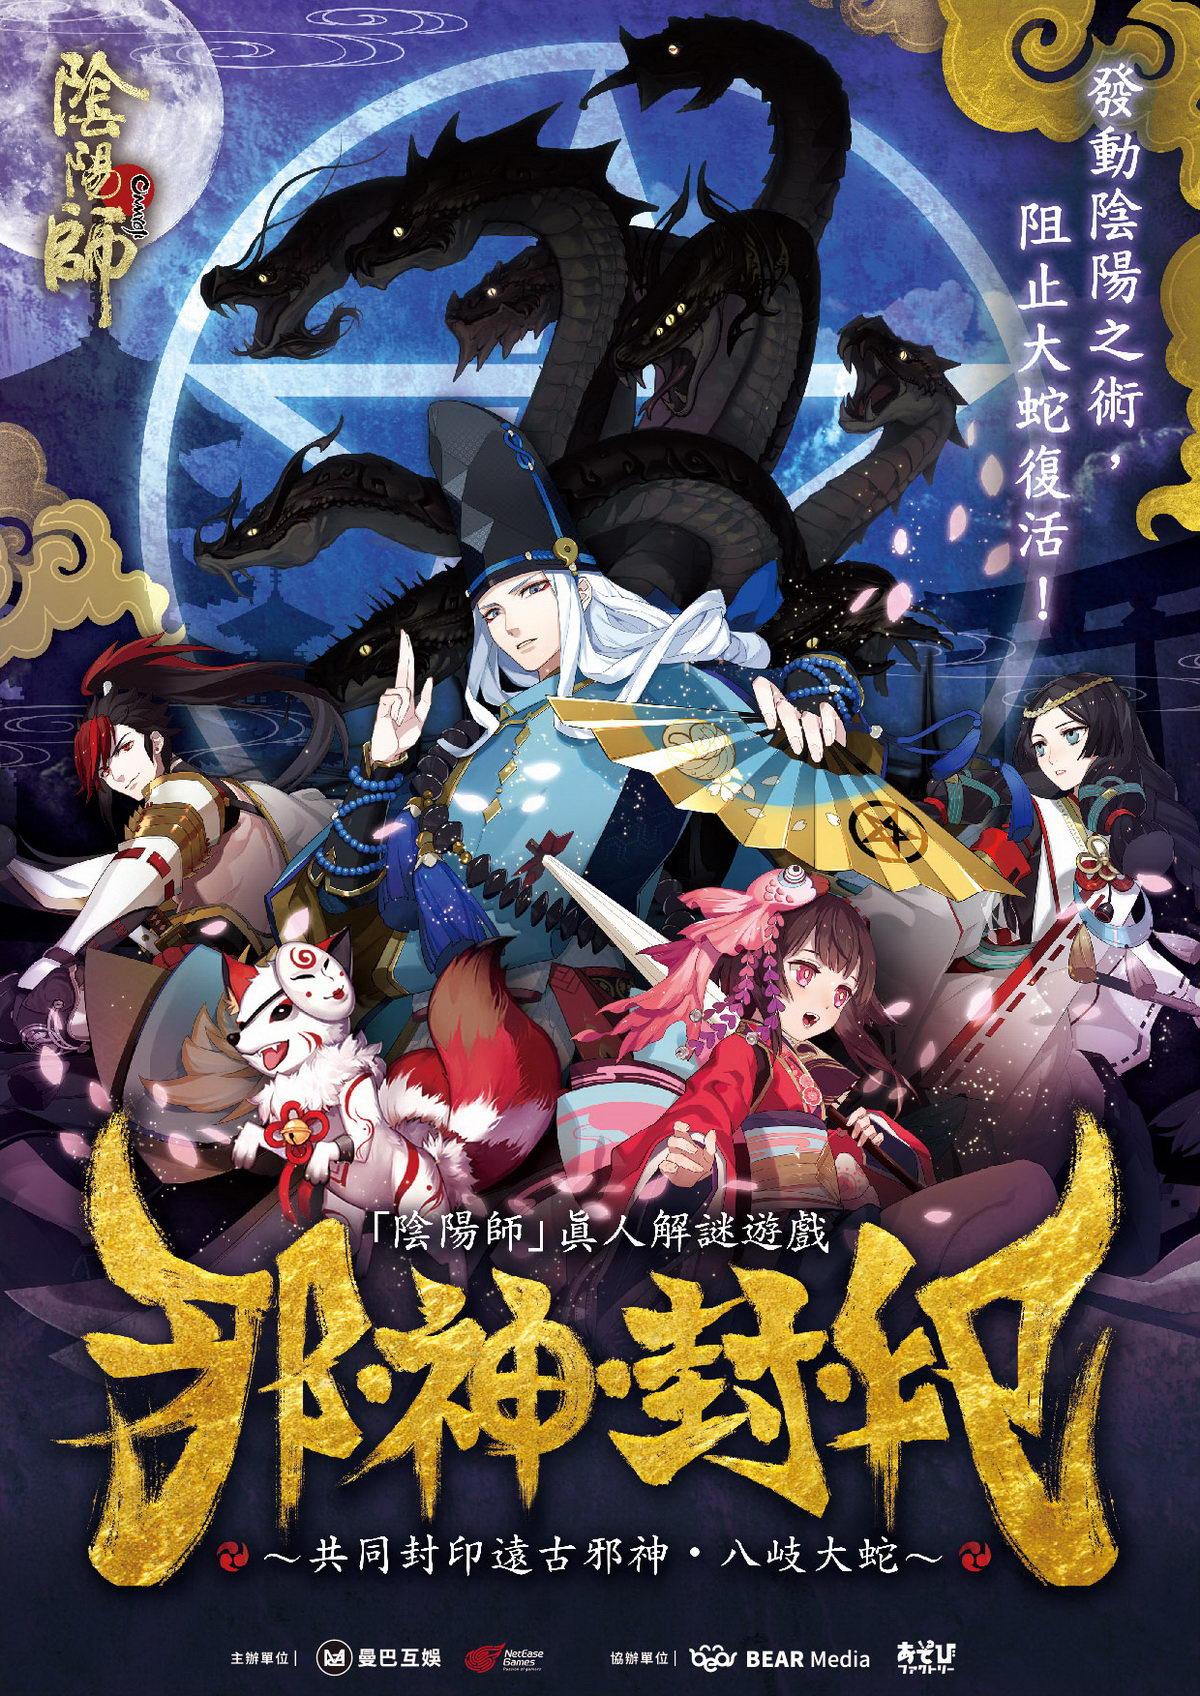 和風幻想RPG手遊《陰陽師Onmyoji》× 真人解謎遊戲即將展開 台北、高雄、東京、大阪、香港,五大城市連袂舉辦!